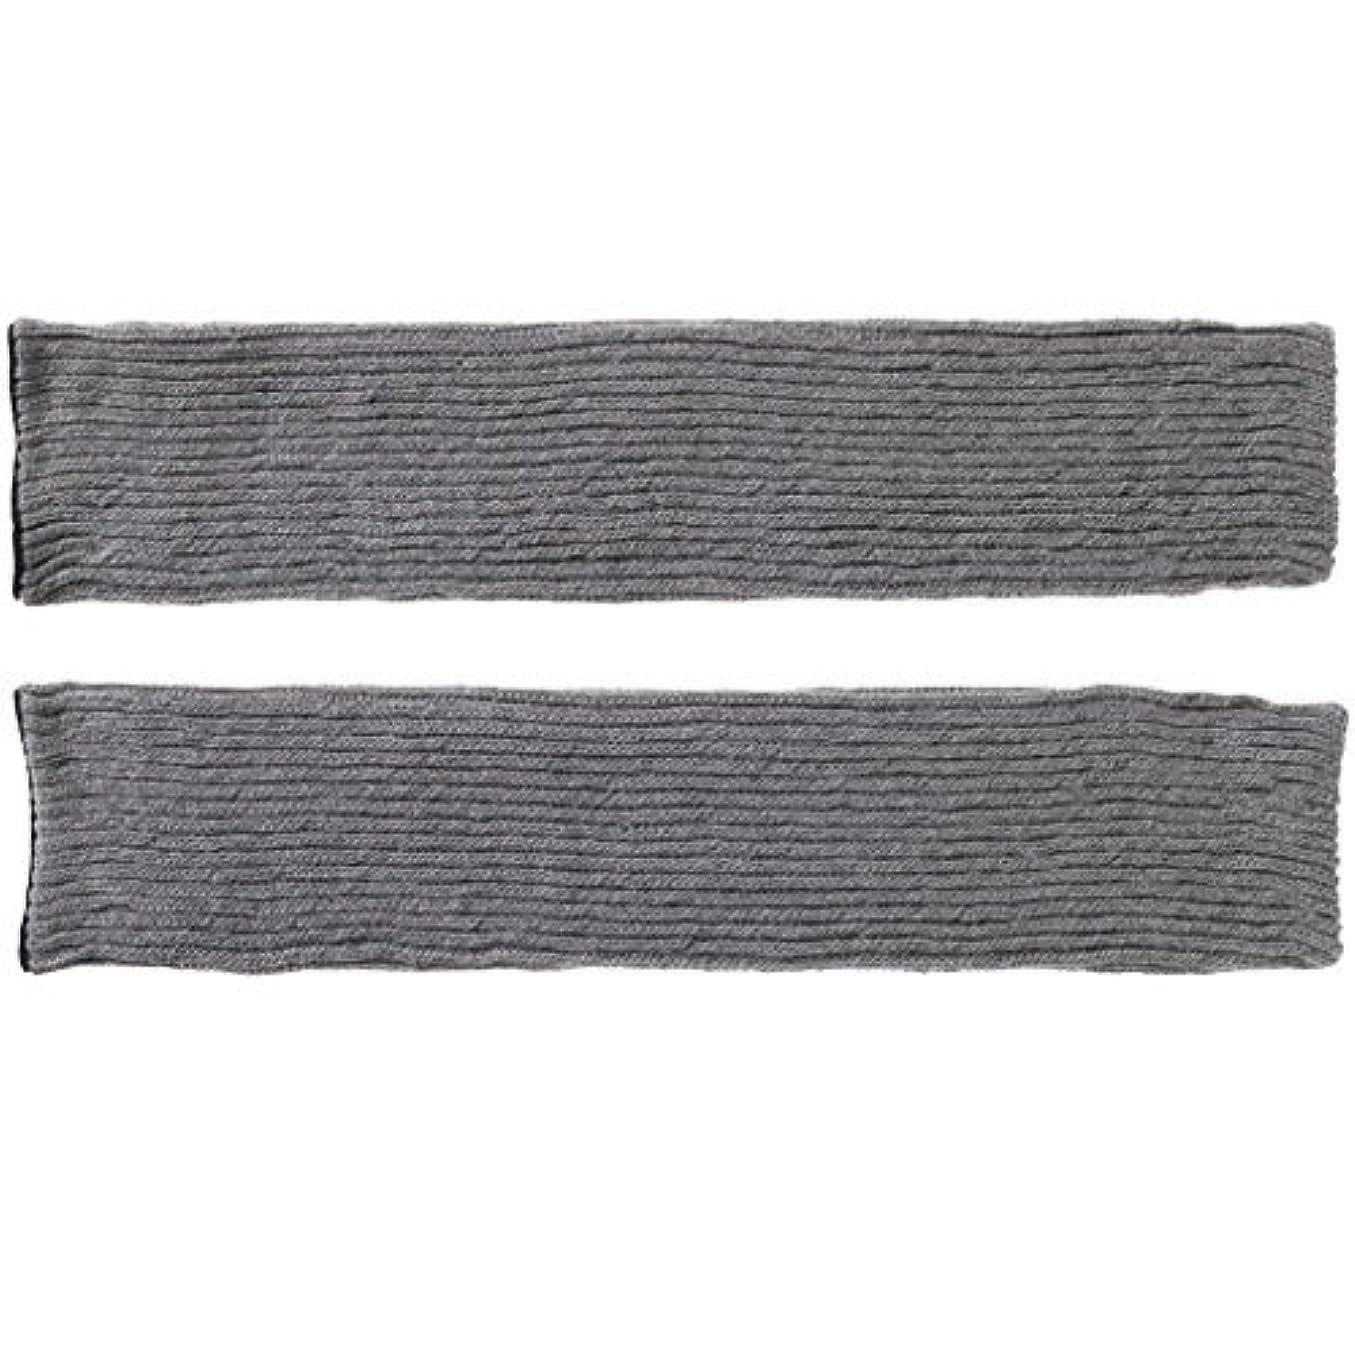 窒息させるアスリートホイップコクーンフィット 伸びる2重編みレッグウォーマー CO-0694-05 グレー